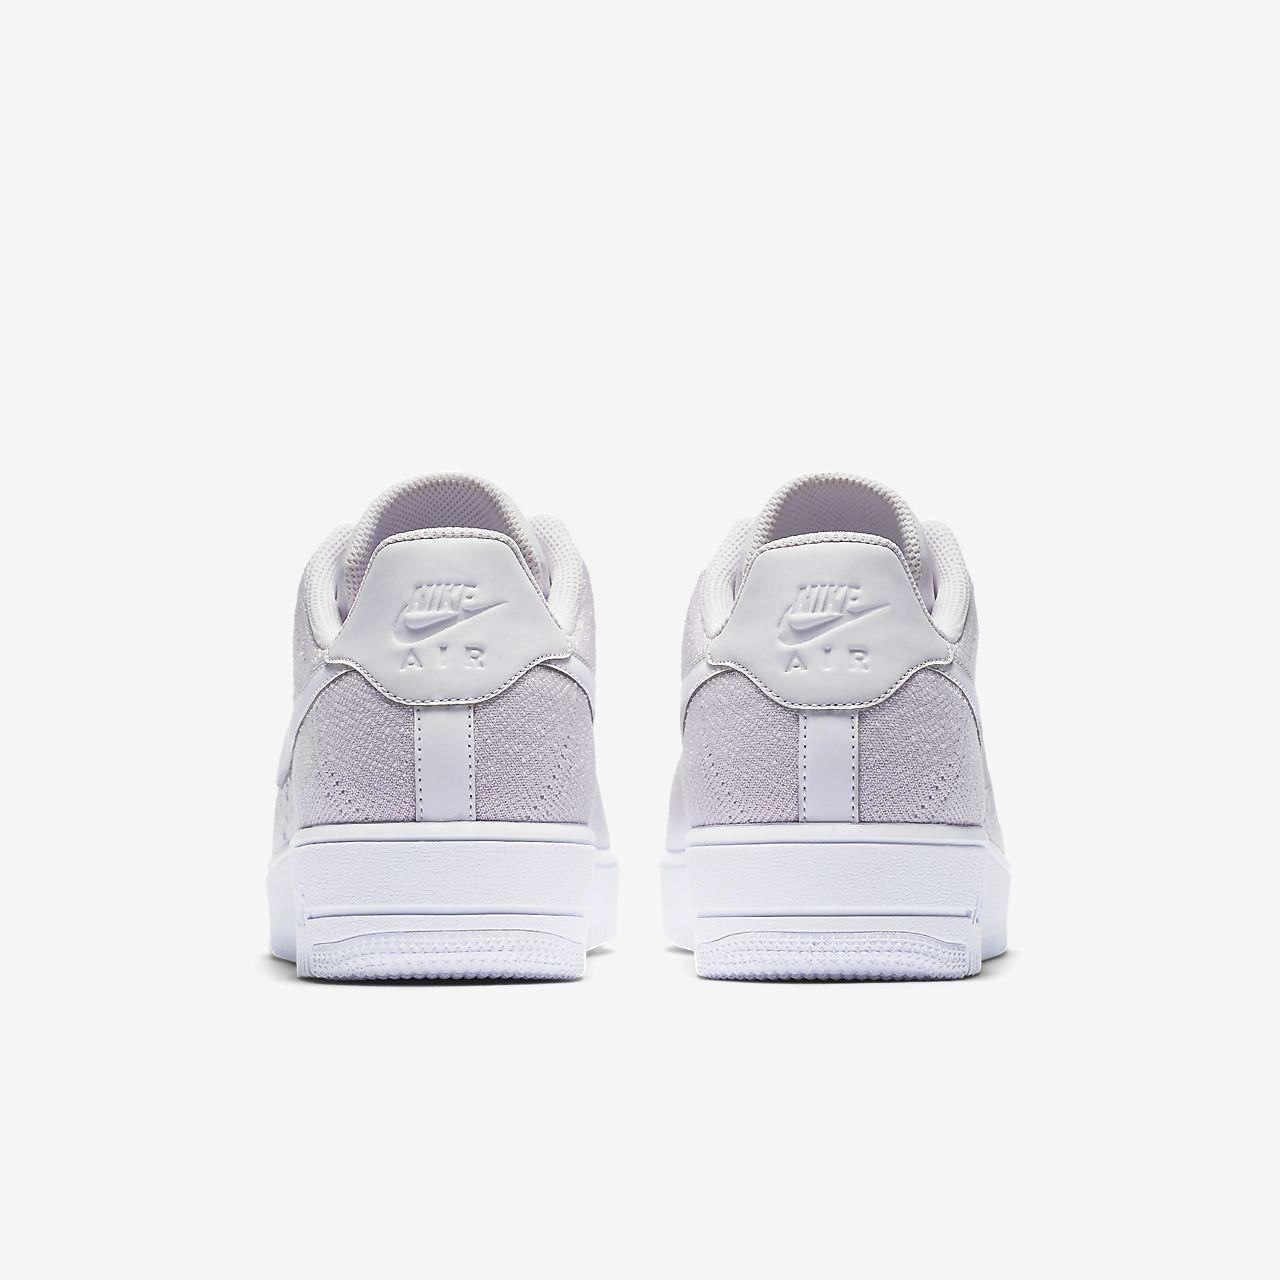 ... Nike Air Force 1 Ultra Flyknit Low Men's Shoe